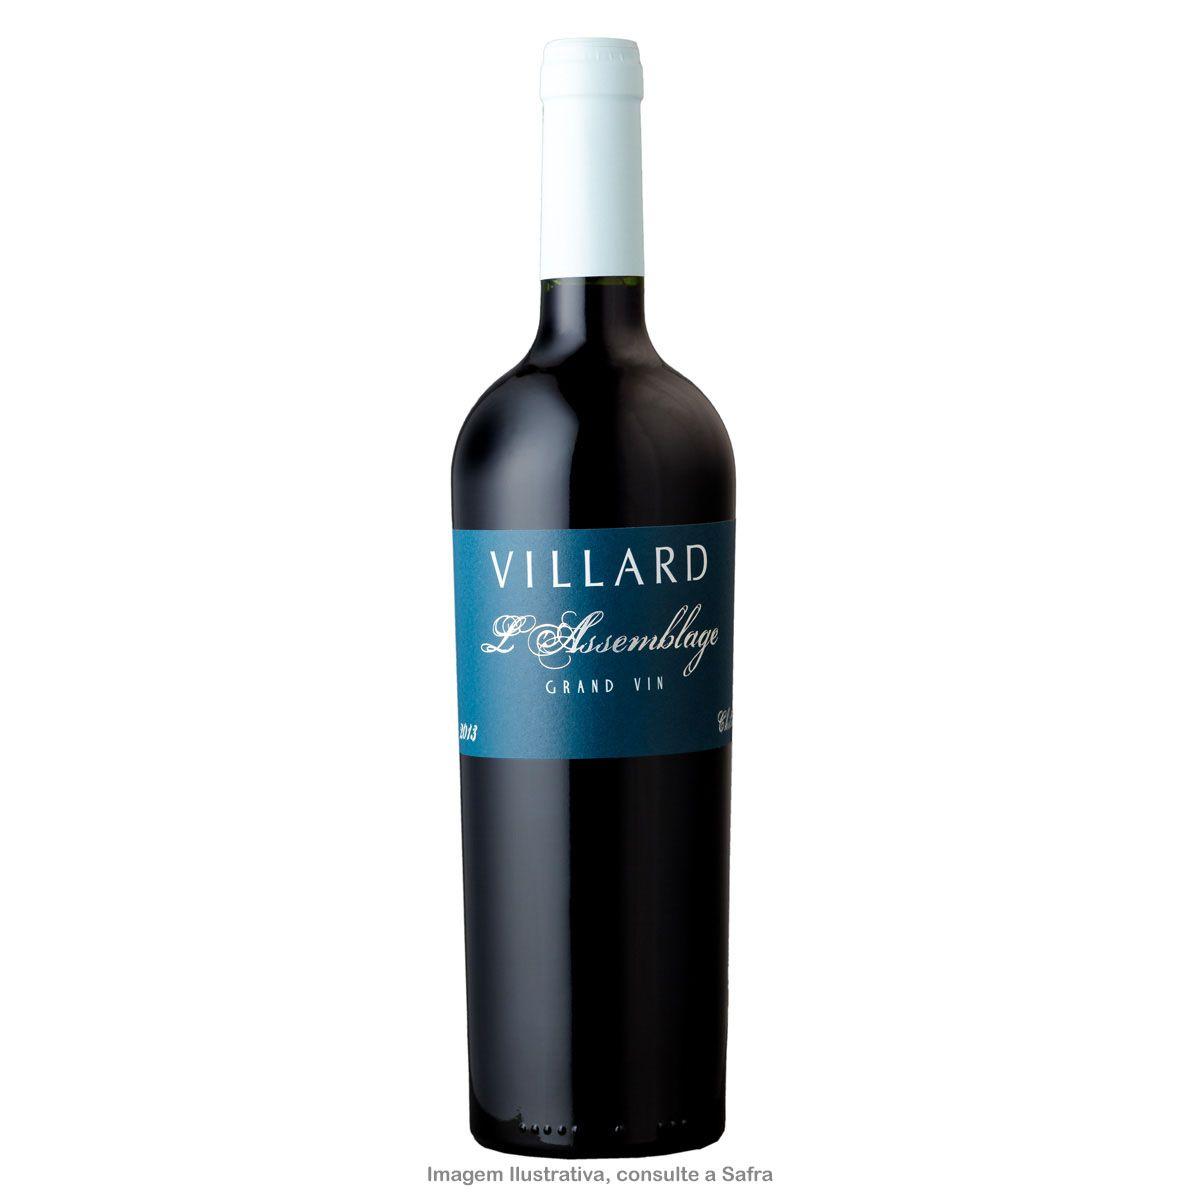 Villard L'assemblage Grand Vin